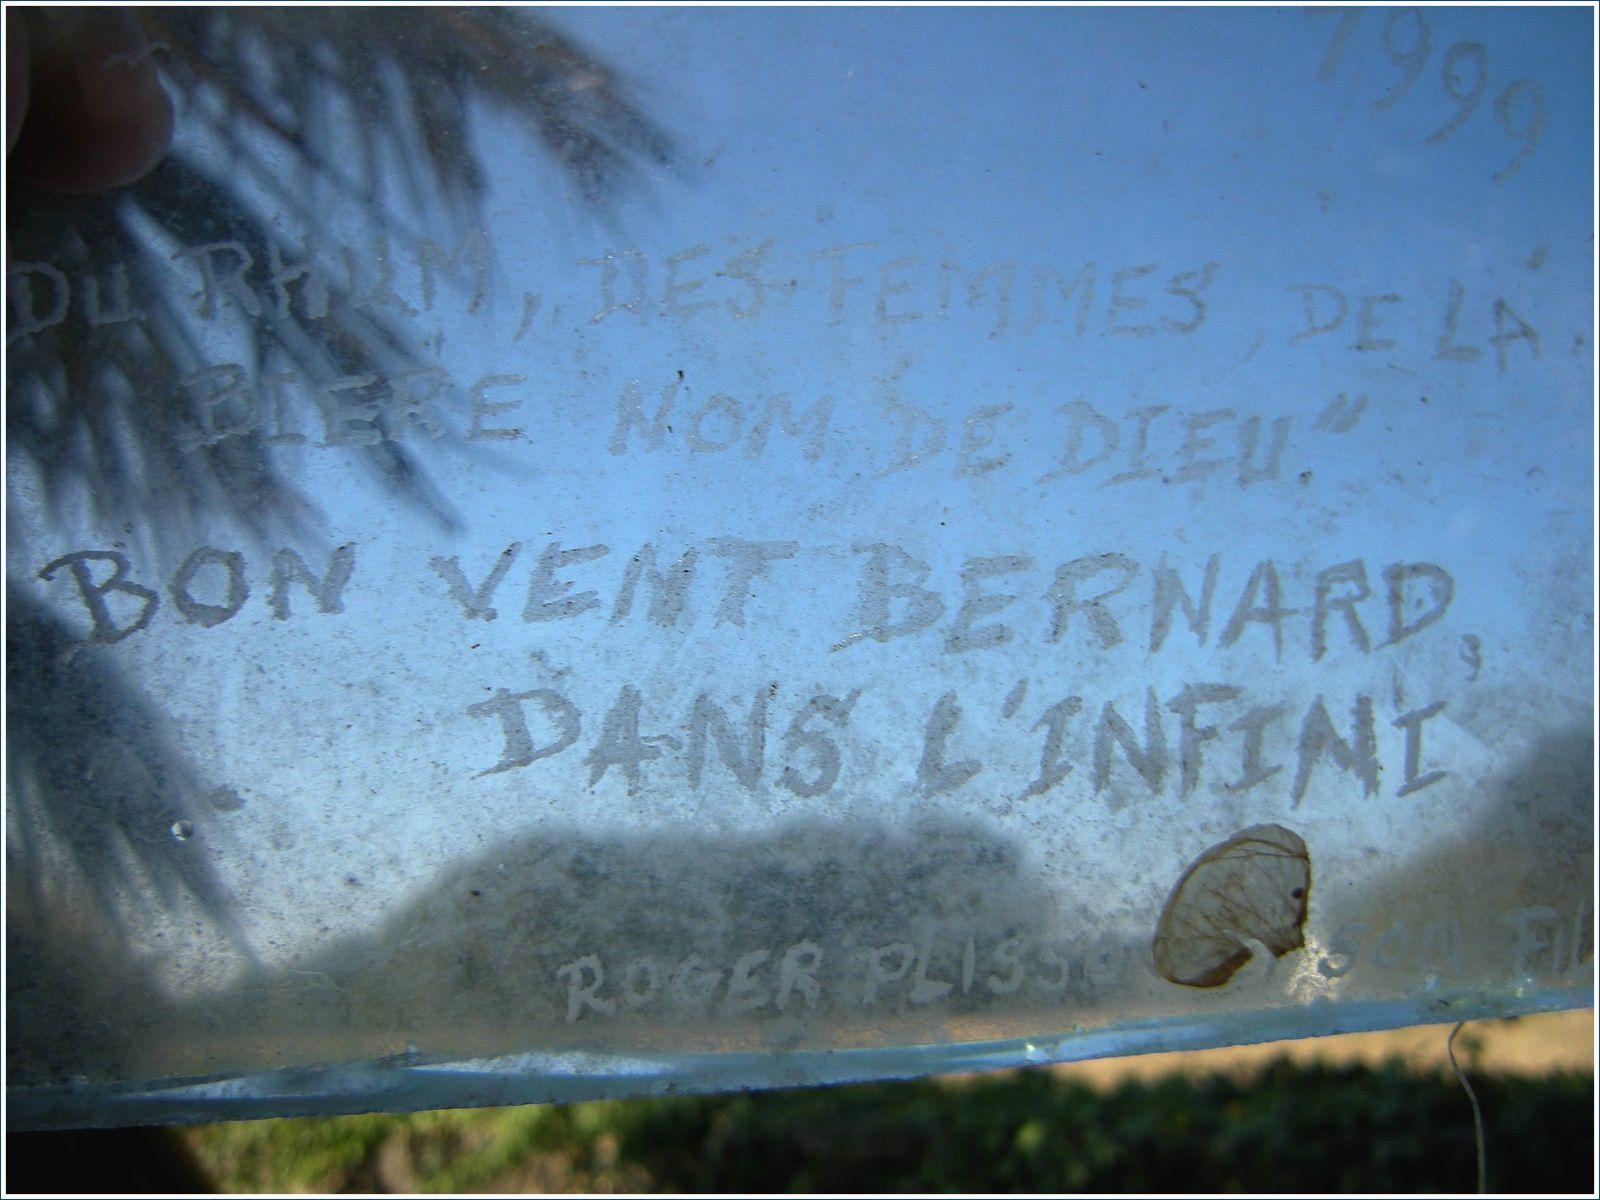 294 - En passant par le Golfe du Morbihan... port du Bono, ouverture sur le large, le forban N.D de Béquerel, Joshua, Bernard Moitessier, photos © Geomar